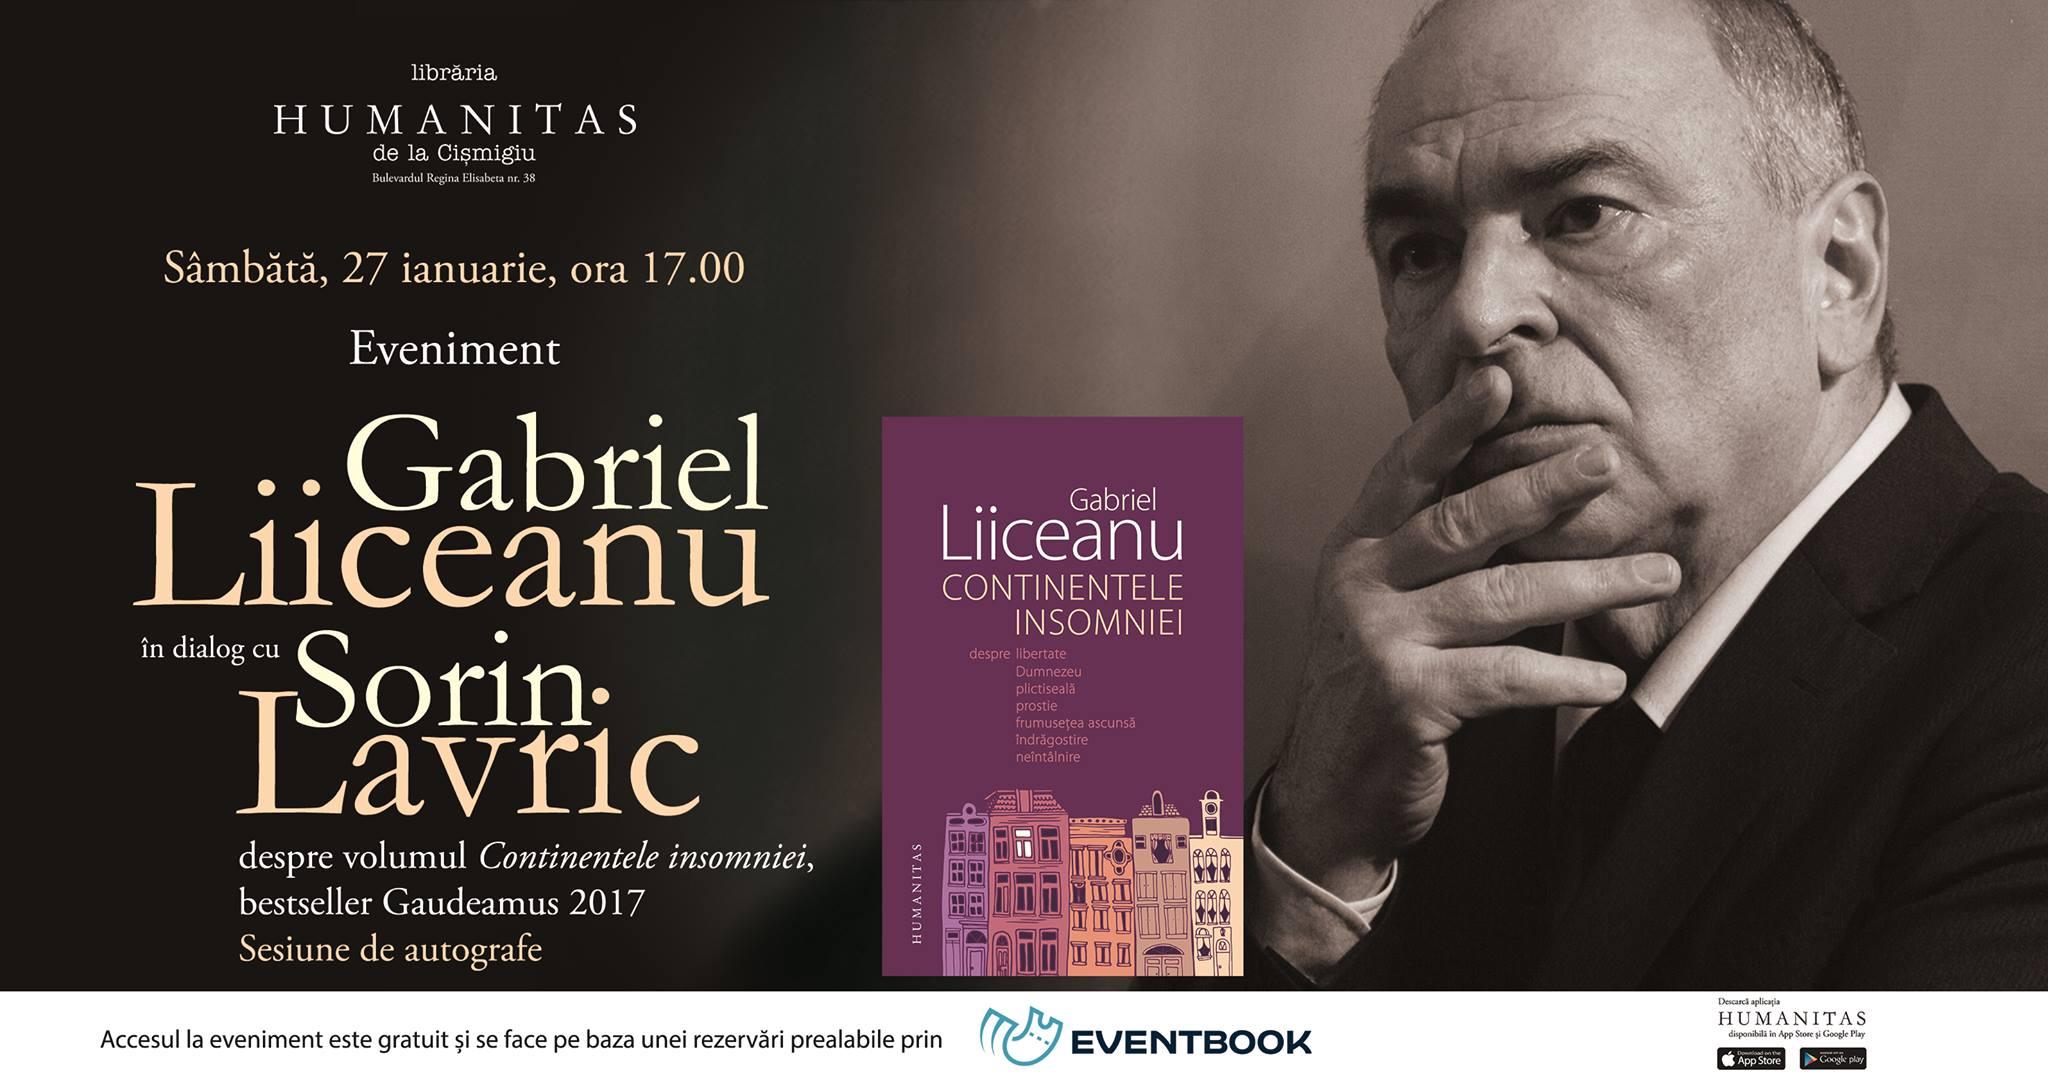 Gabriel Liiceanu în dialog cu Sorin Lavric